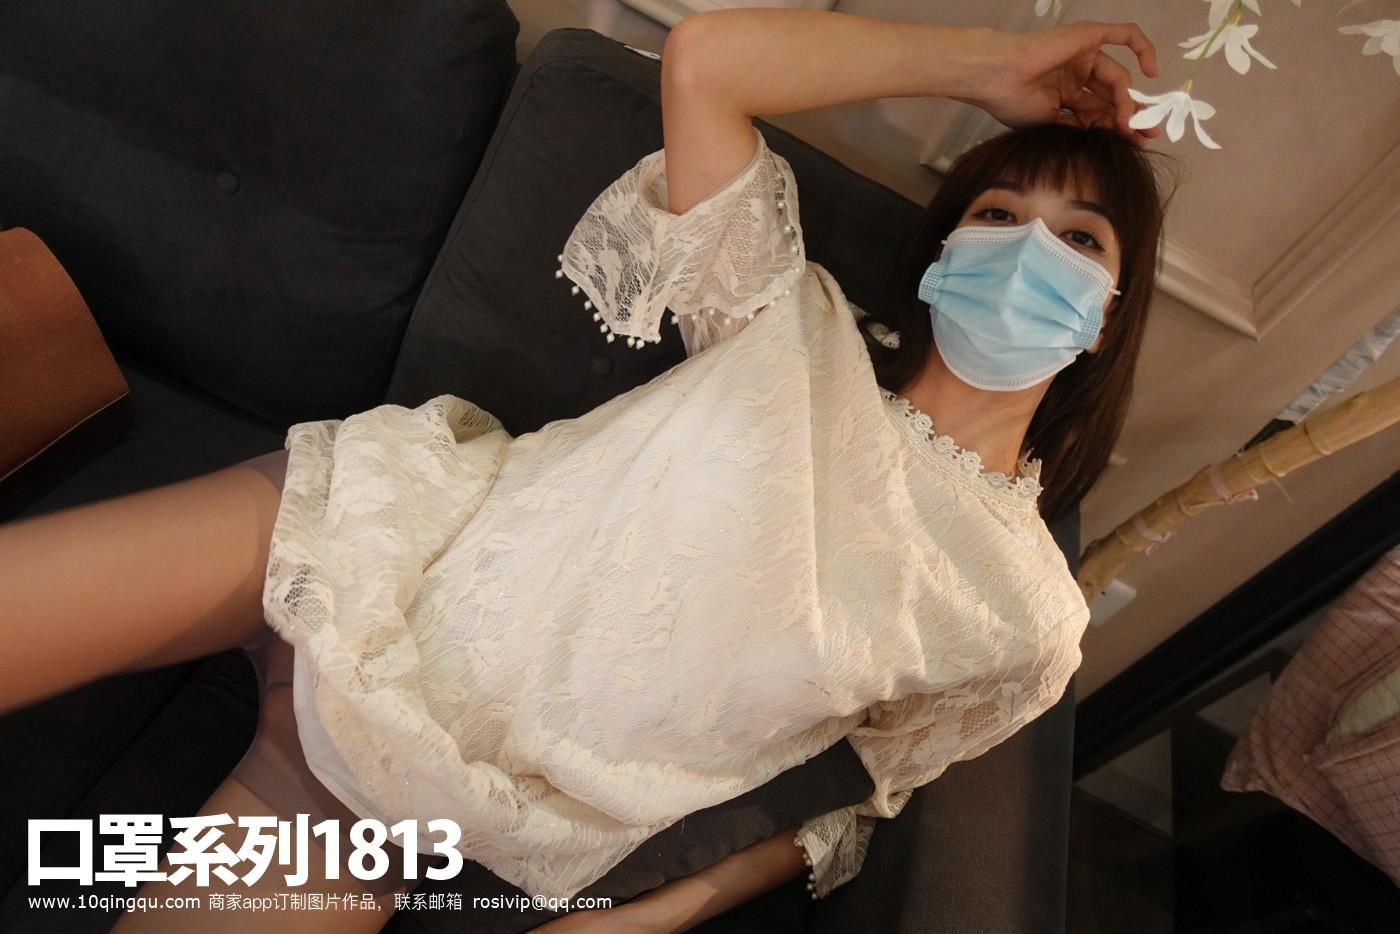 口罩系列1813套装 衣服+丝袜